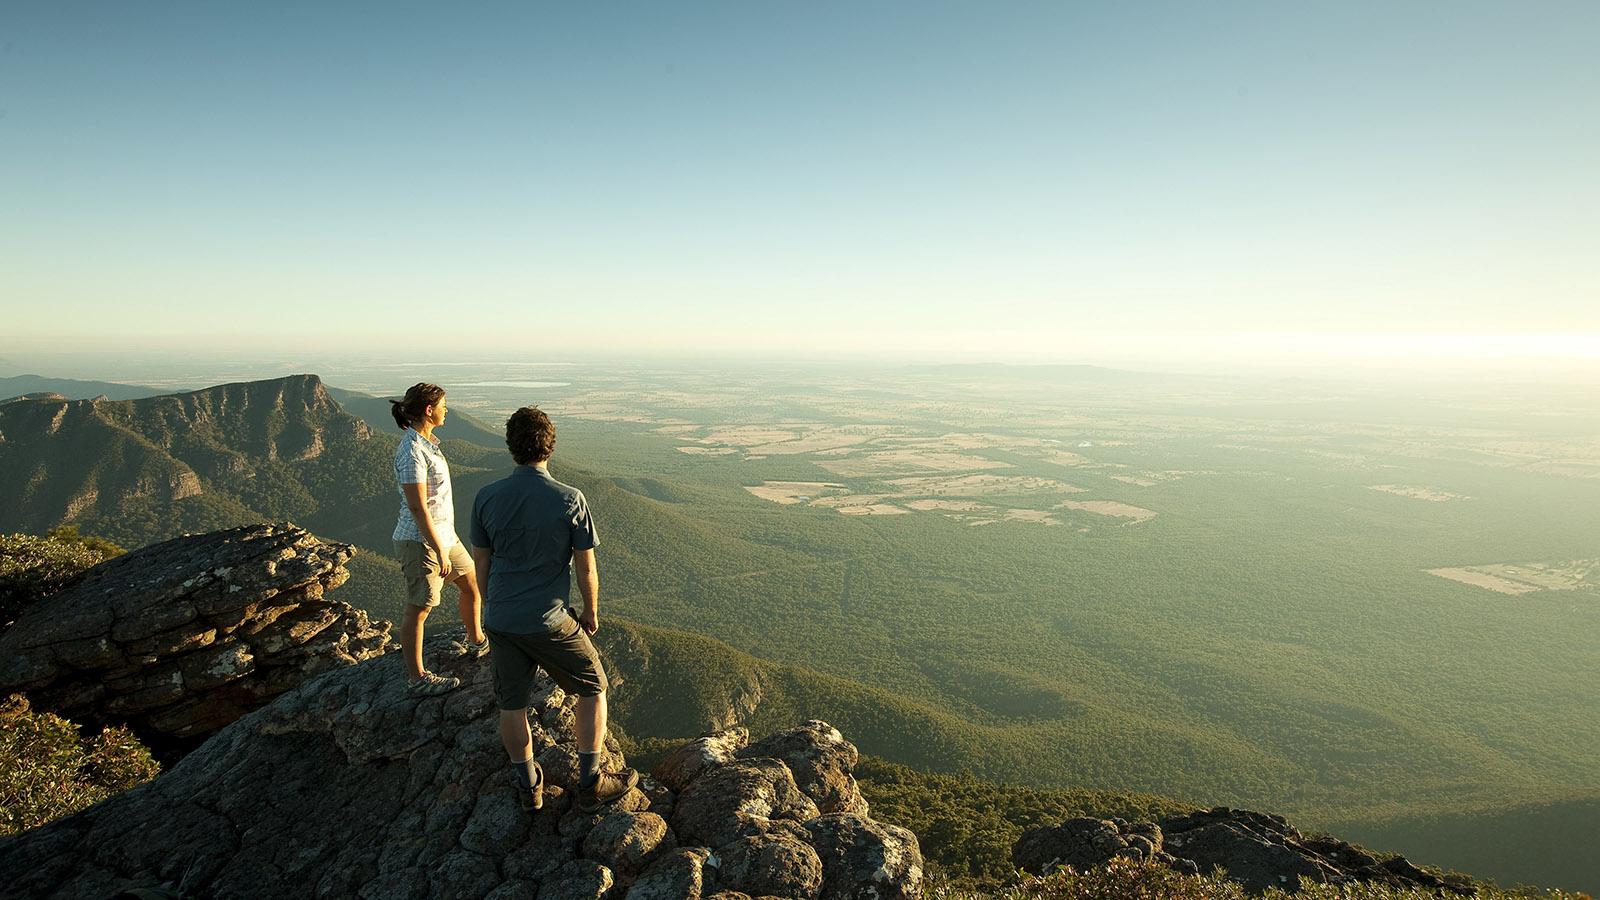 Mount William, The Grampian, Victoria, Australia